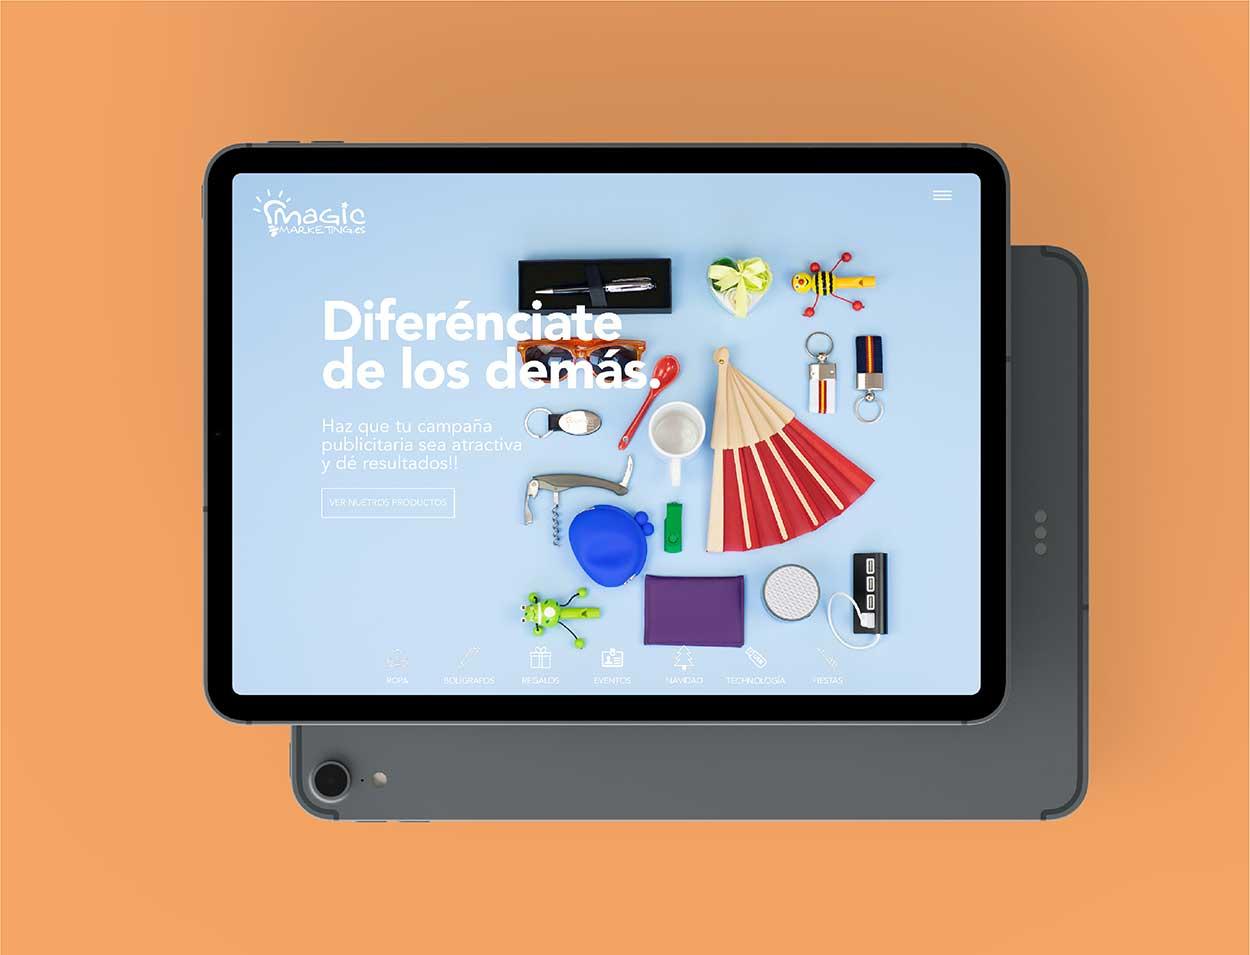 Diseño de sitio web azul en ipad con fotografía de producto para una empresa de marketing en Murcia.